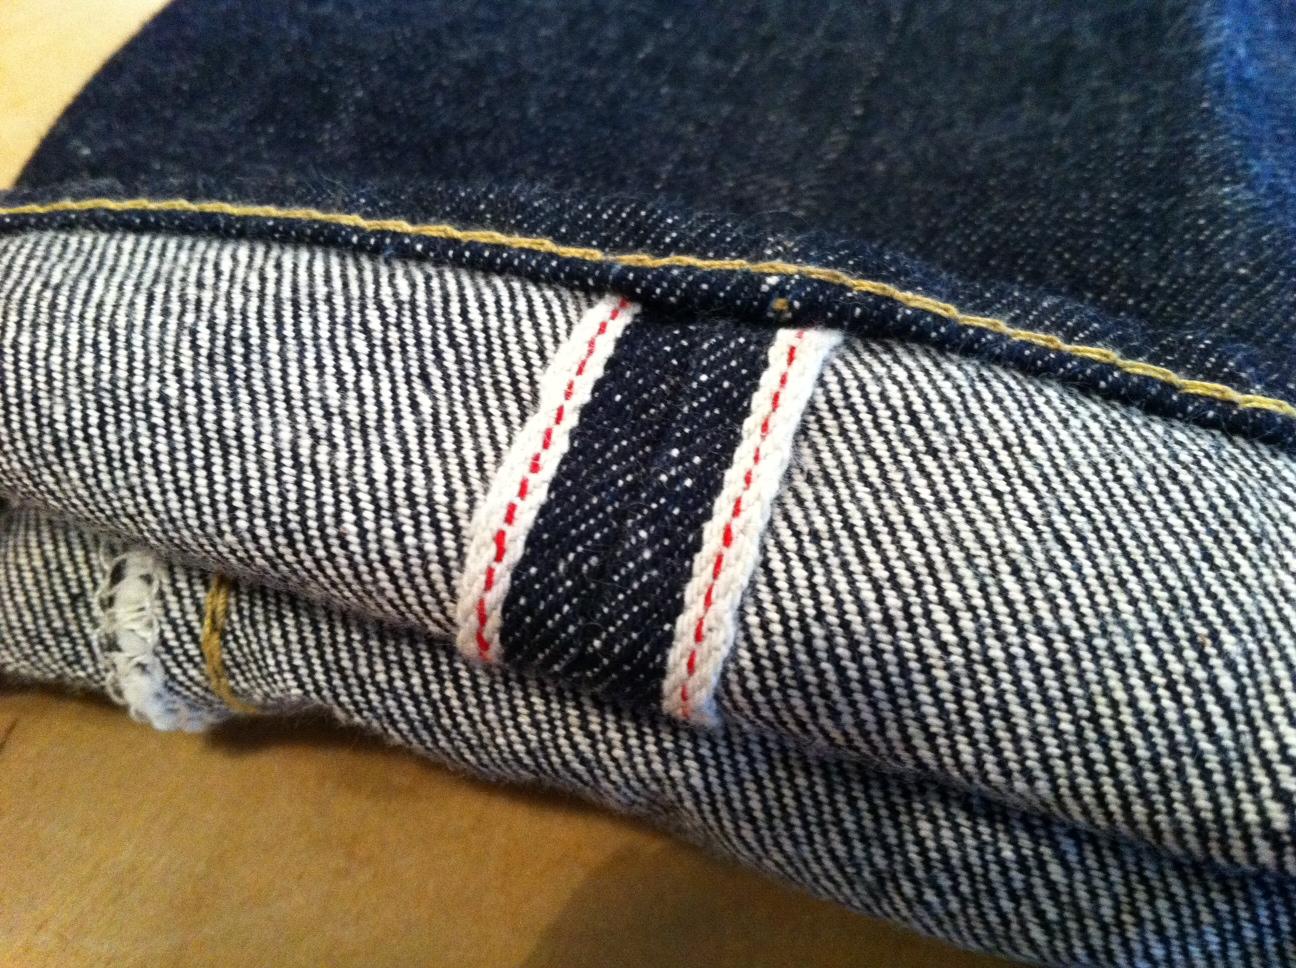 1本は持っておきたい、ユニクロのセルビッチジーンズをチェックのサムネイル画像